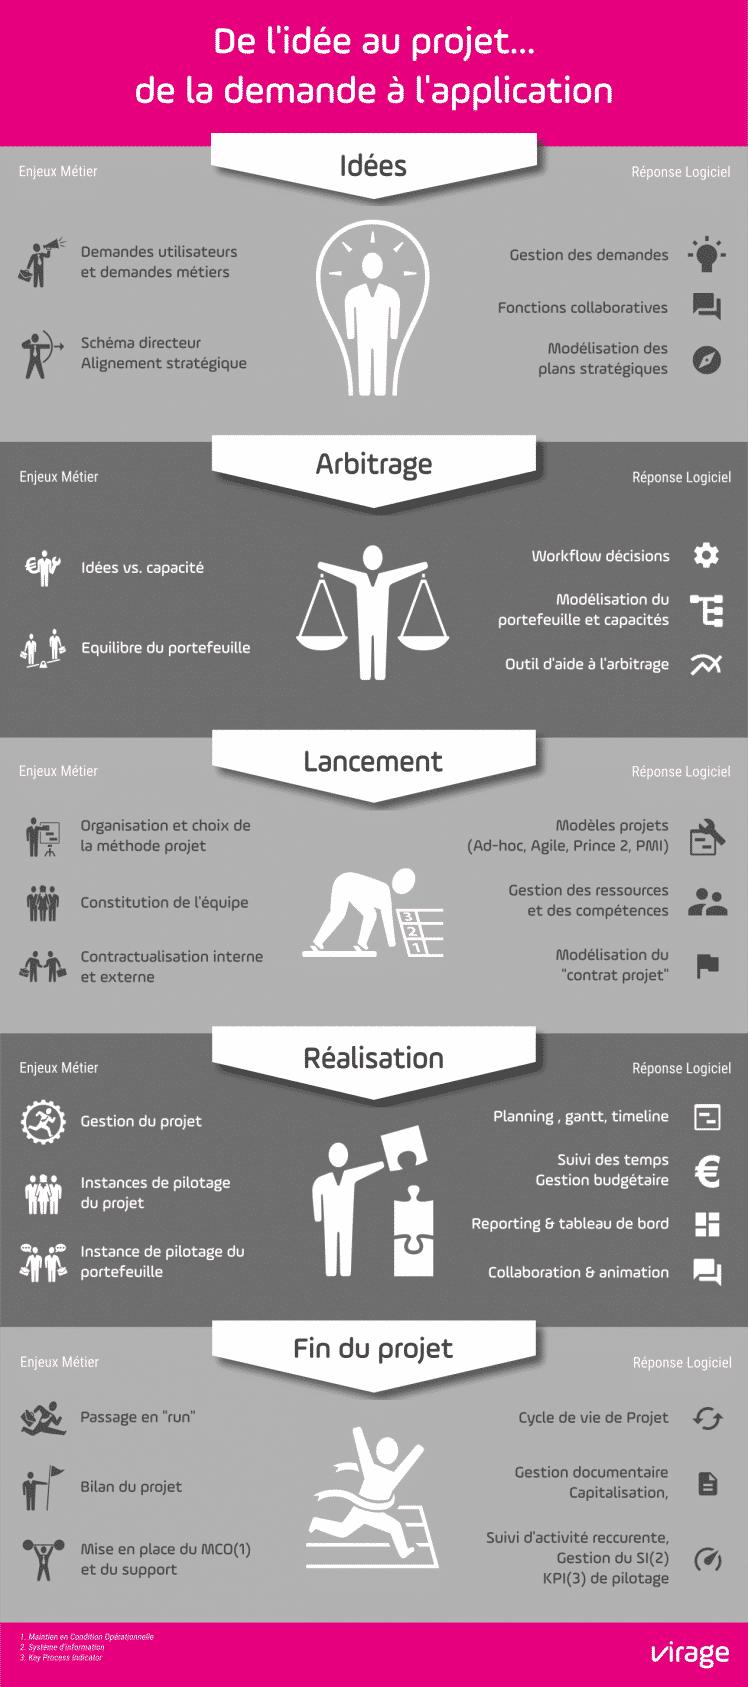 infographie de l'idée au projet